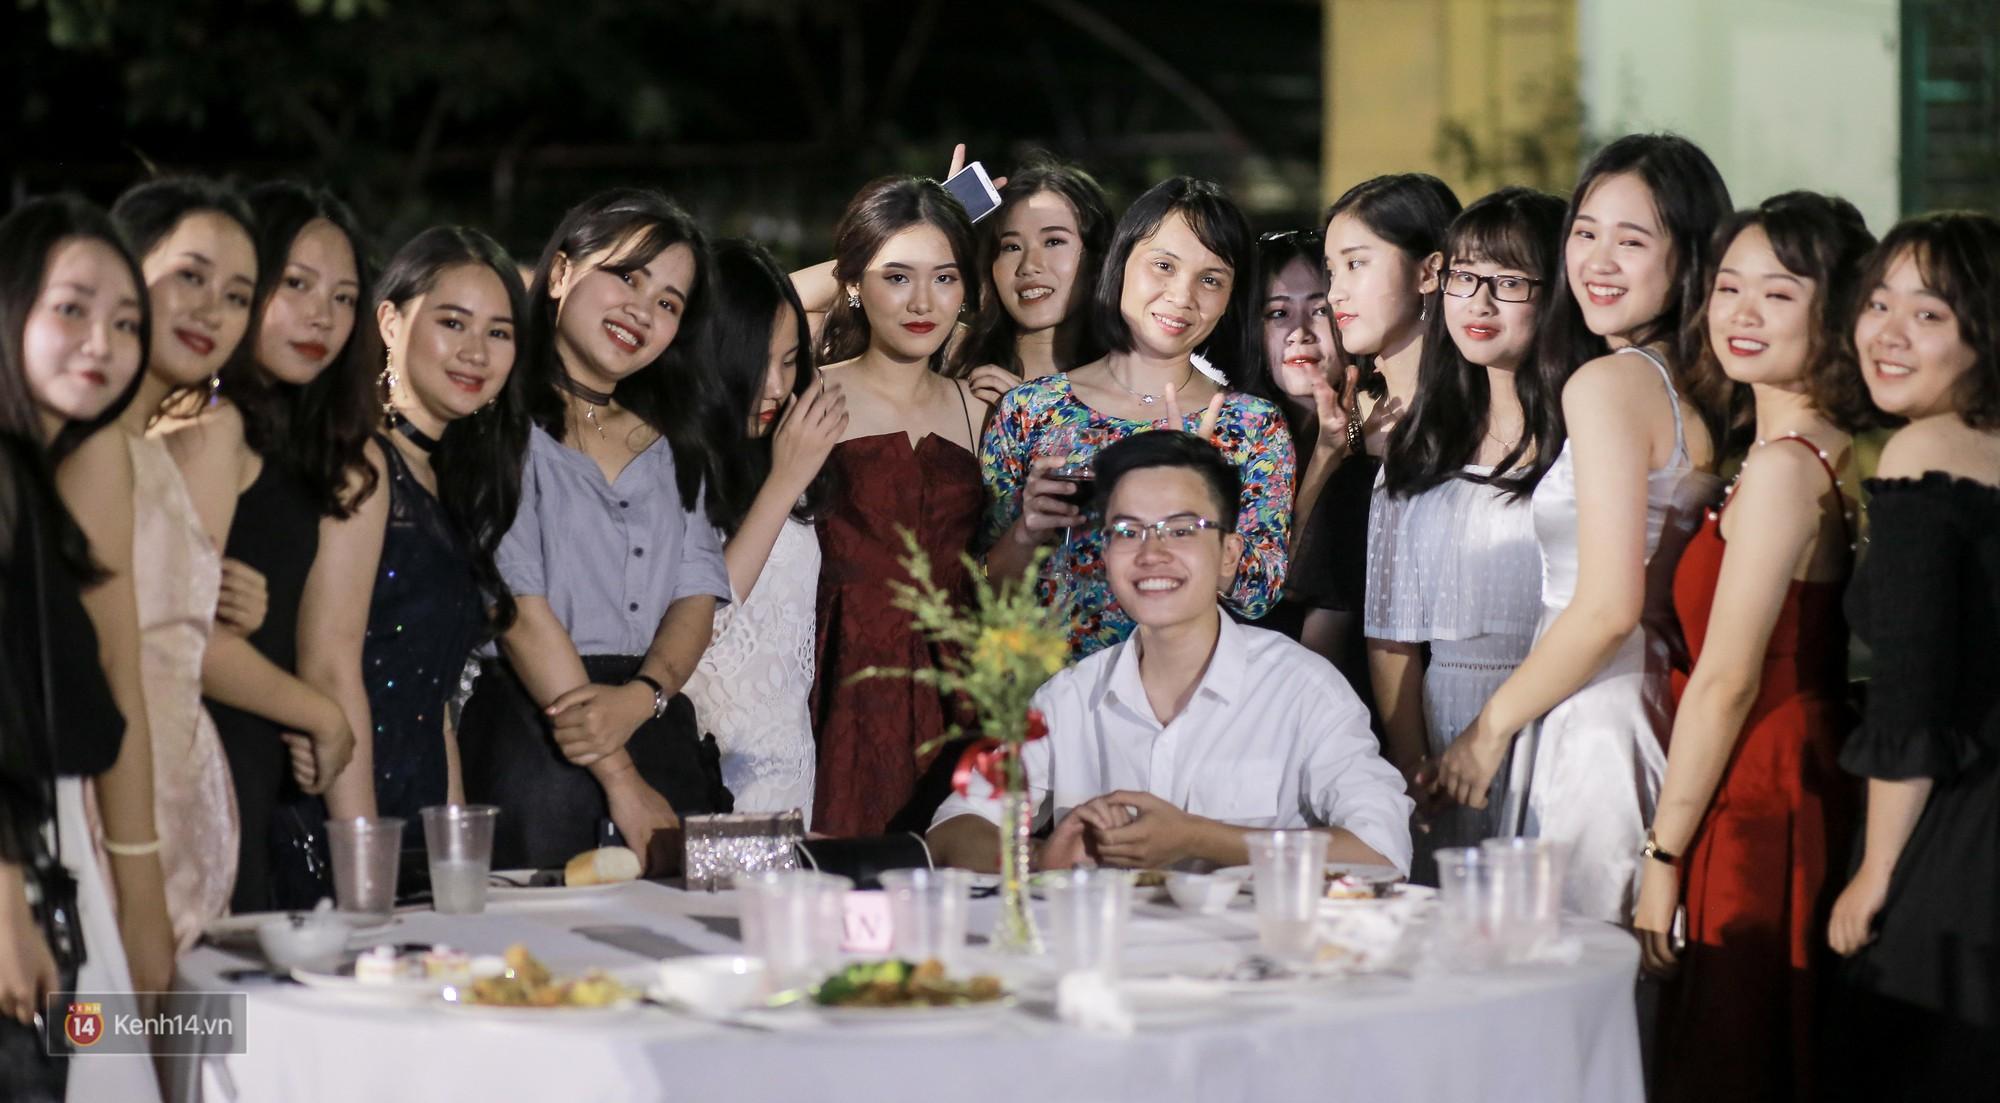 Nữ sinh Chu Văn An xinh đẹp ngẩn ngơ trong đêm tri ân/ trưởng thành-16